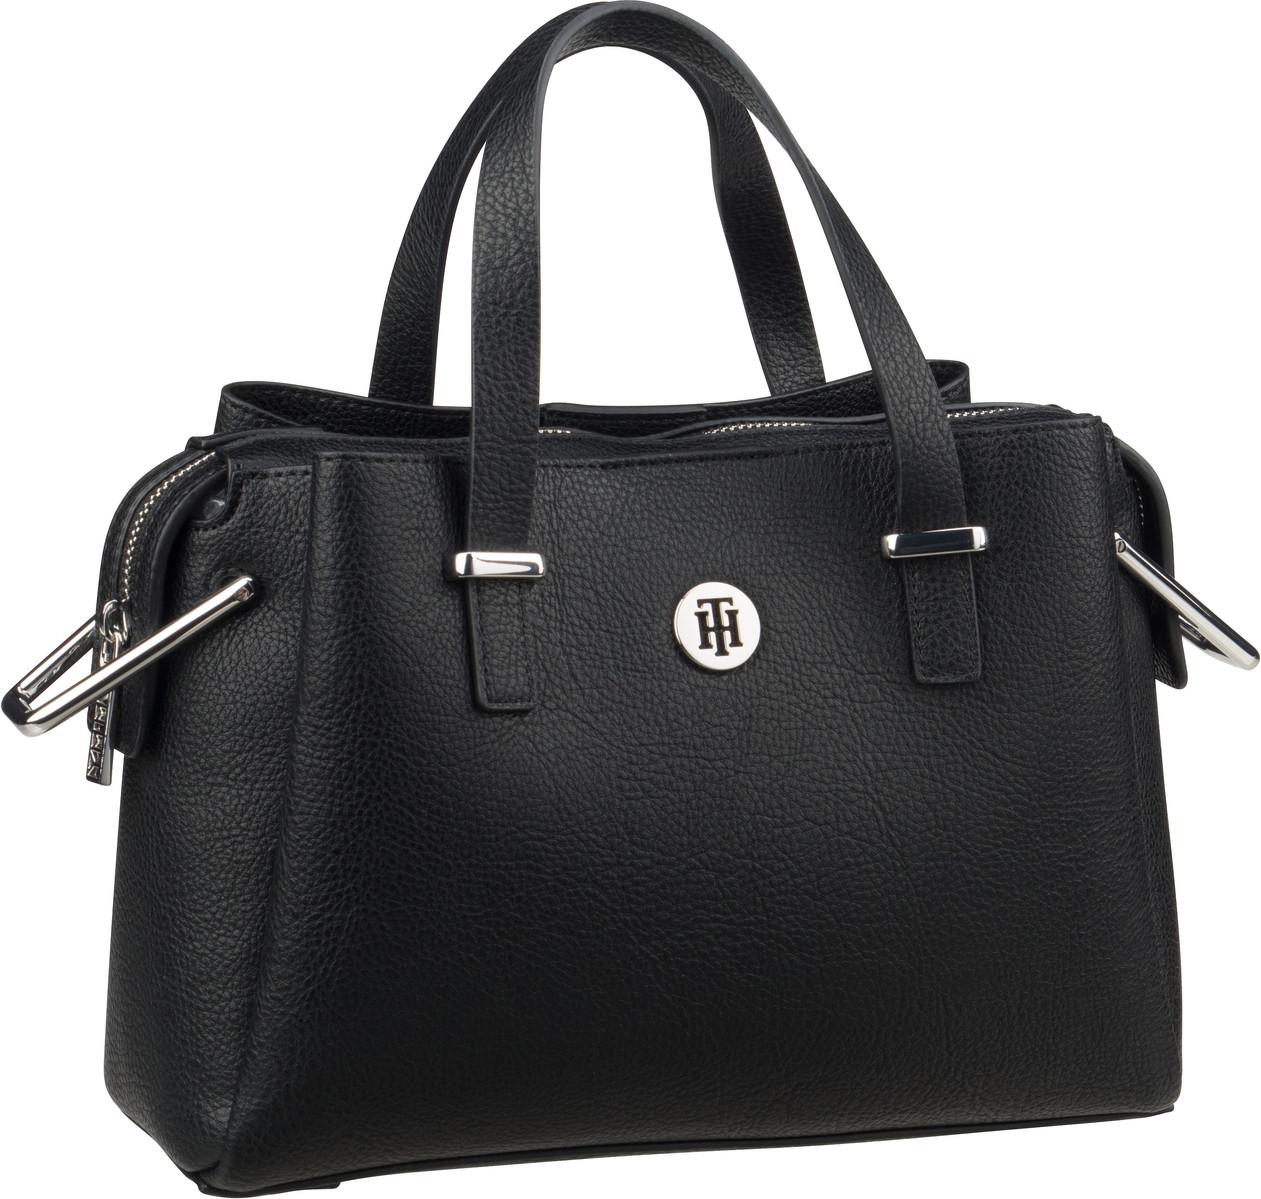 Handtasche TH Core Med Satchel Black